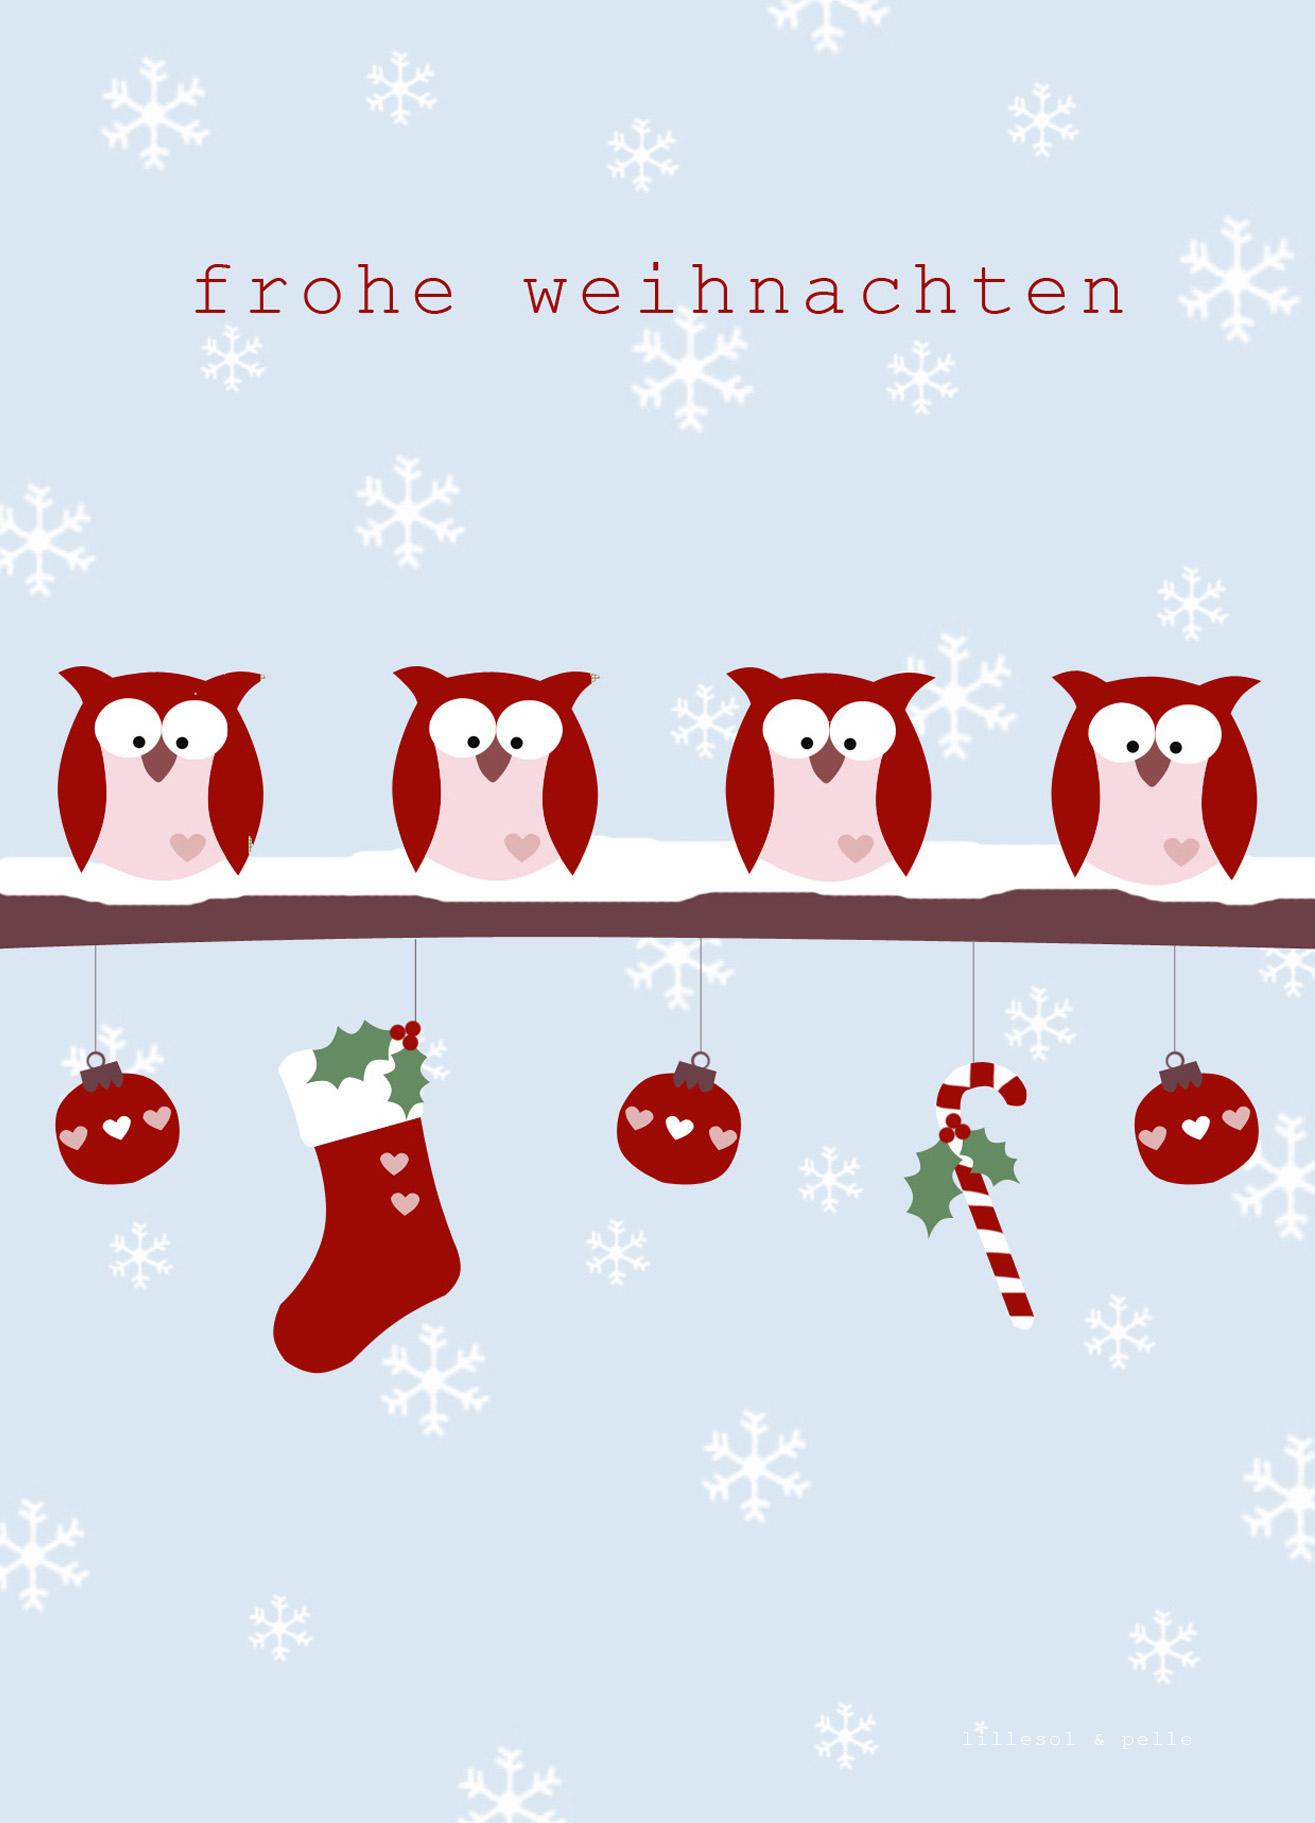 Weihnachtspostkarten Als Freebie Zum Ausdrucken Für Euch für Weihnachtsgrüße Zum Ausdrucken Kostenlos